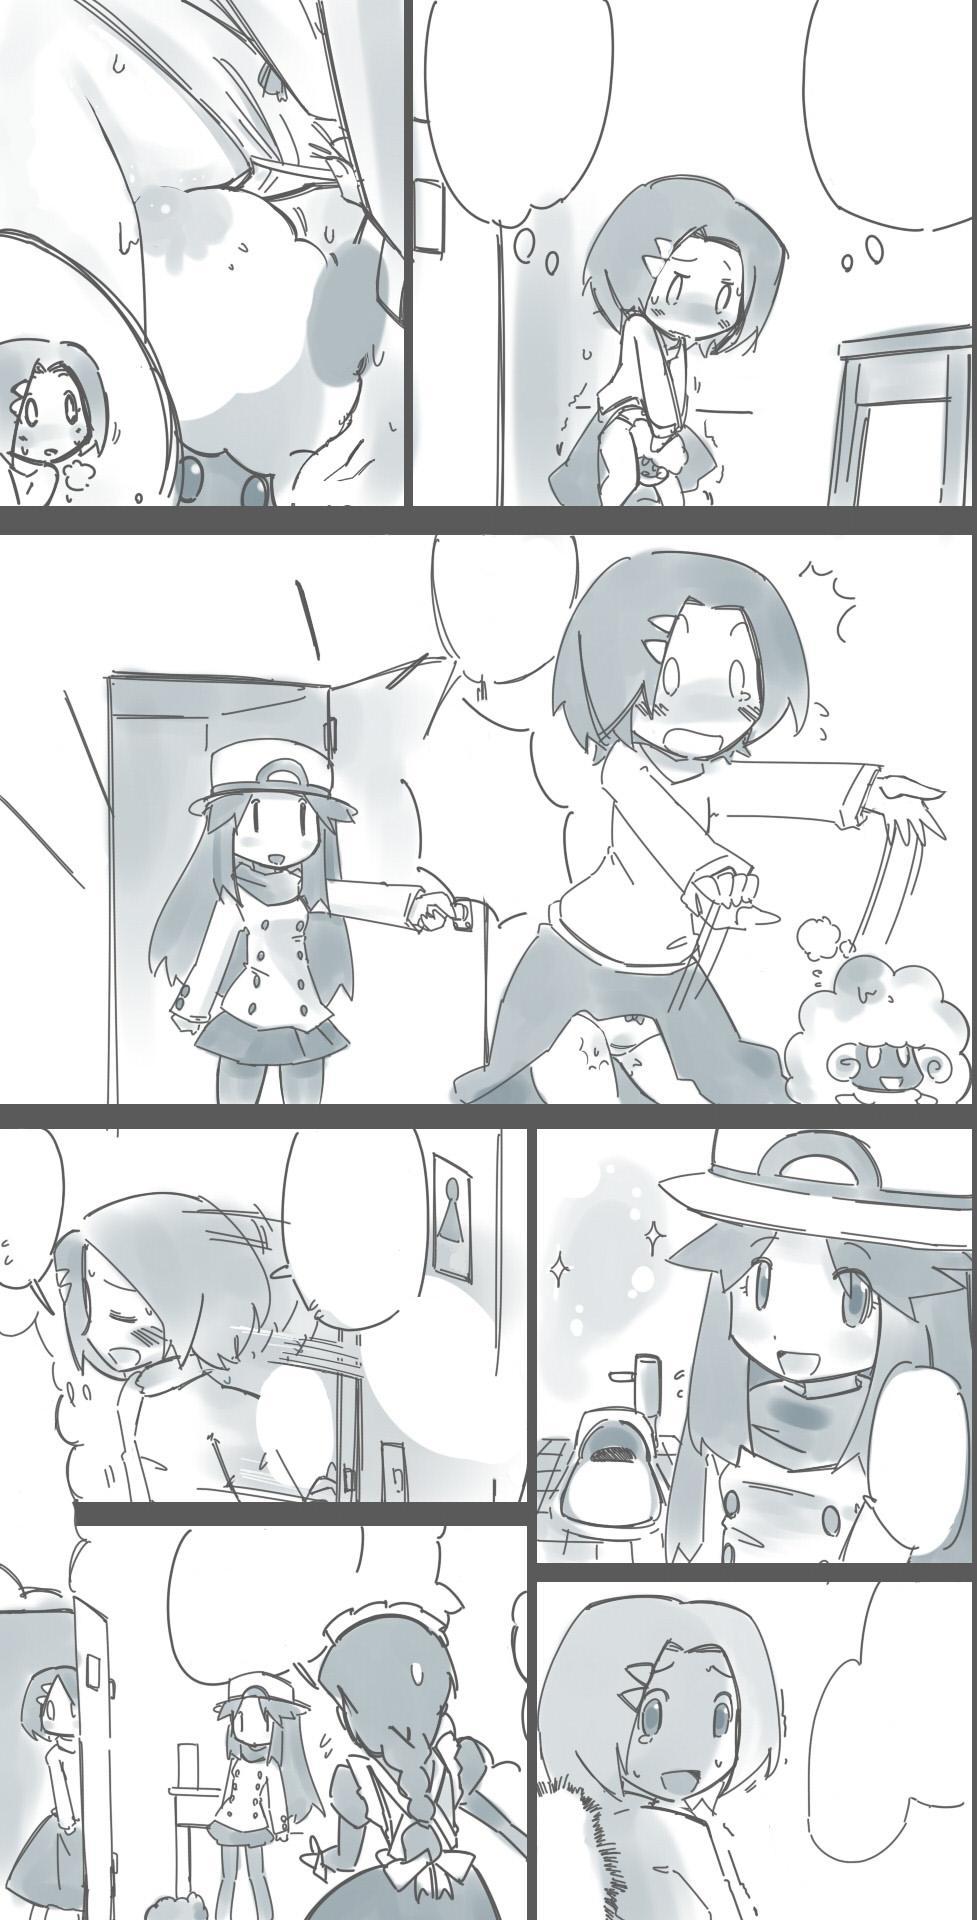 Pokémon - Aroma Lady Desperation 14